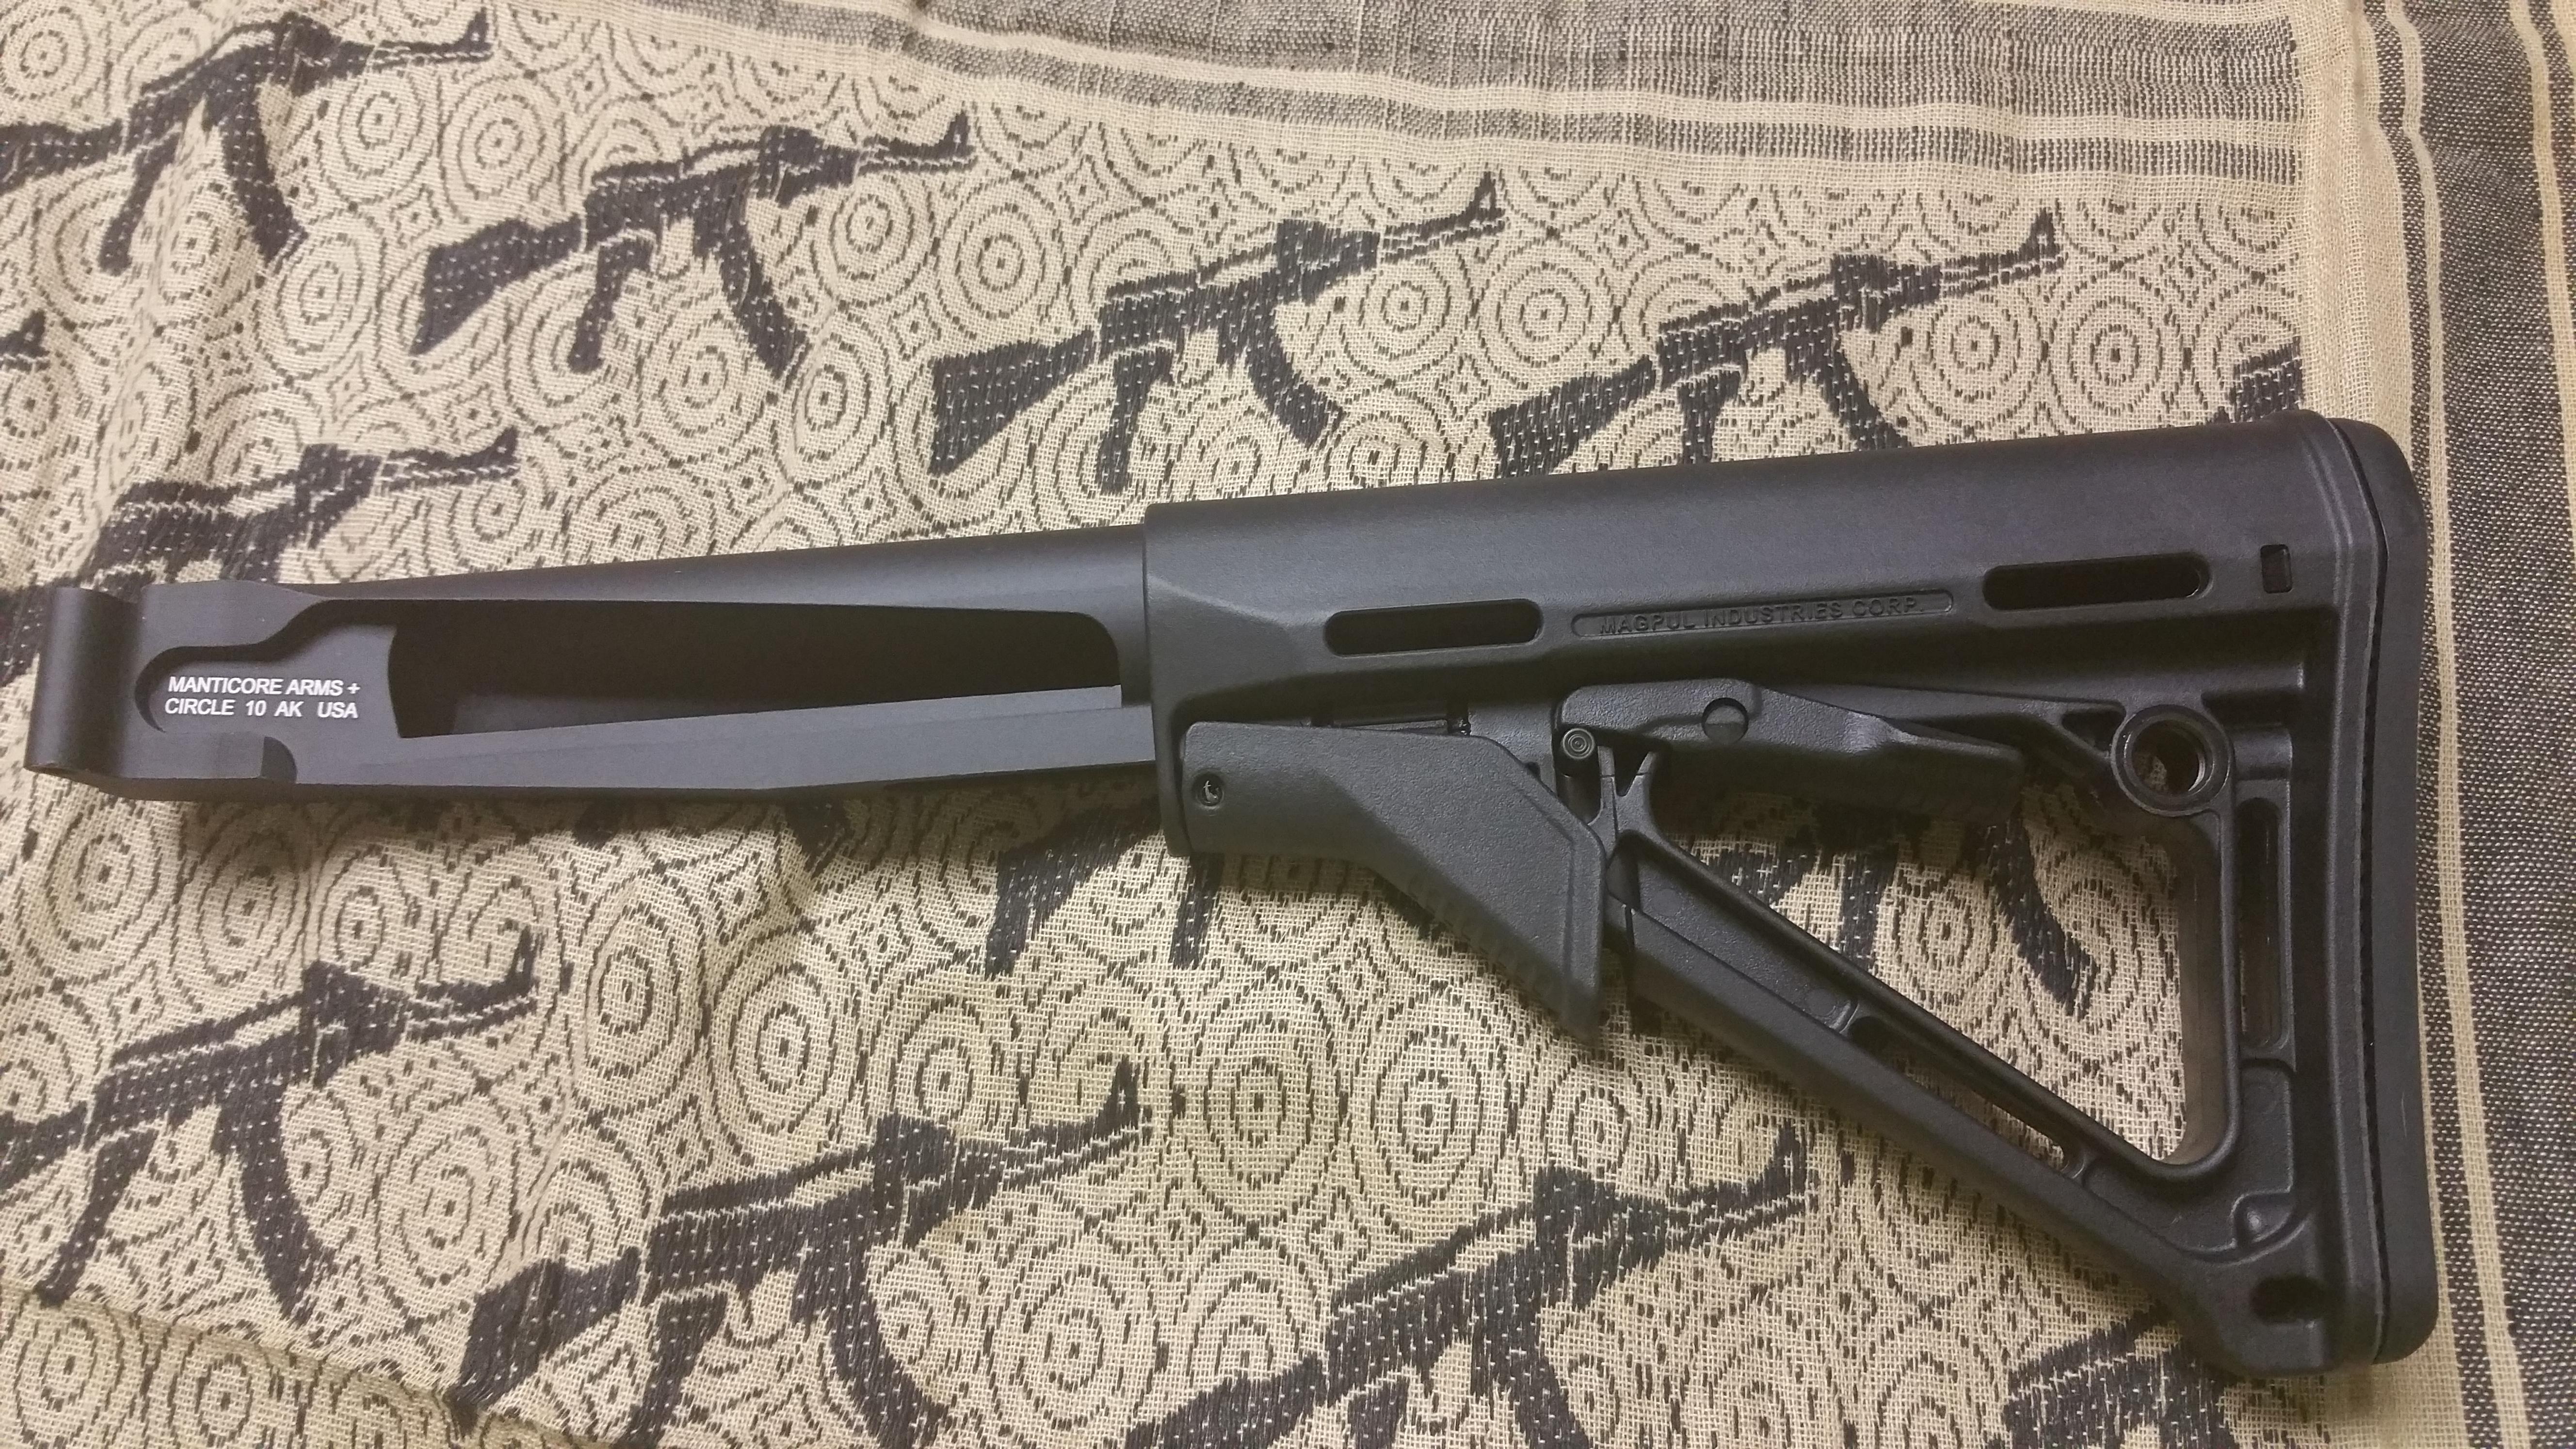 Circle 10 AK | Jerking the Trigger